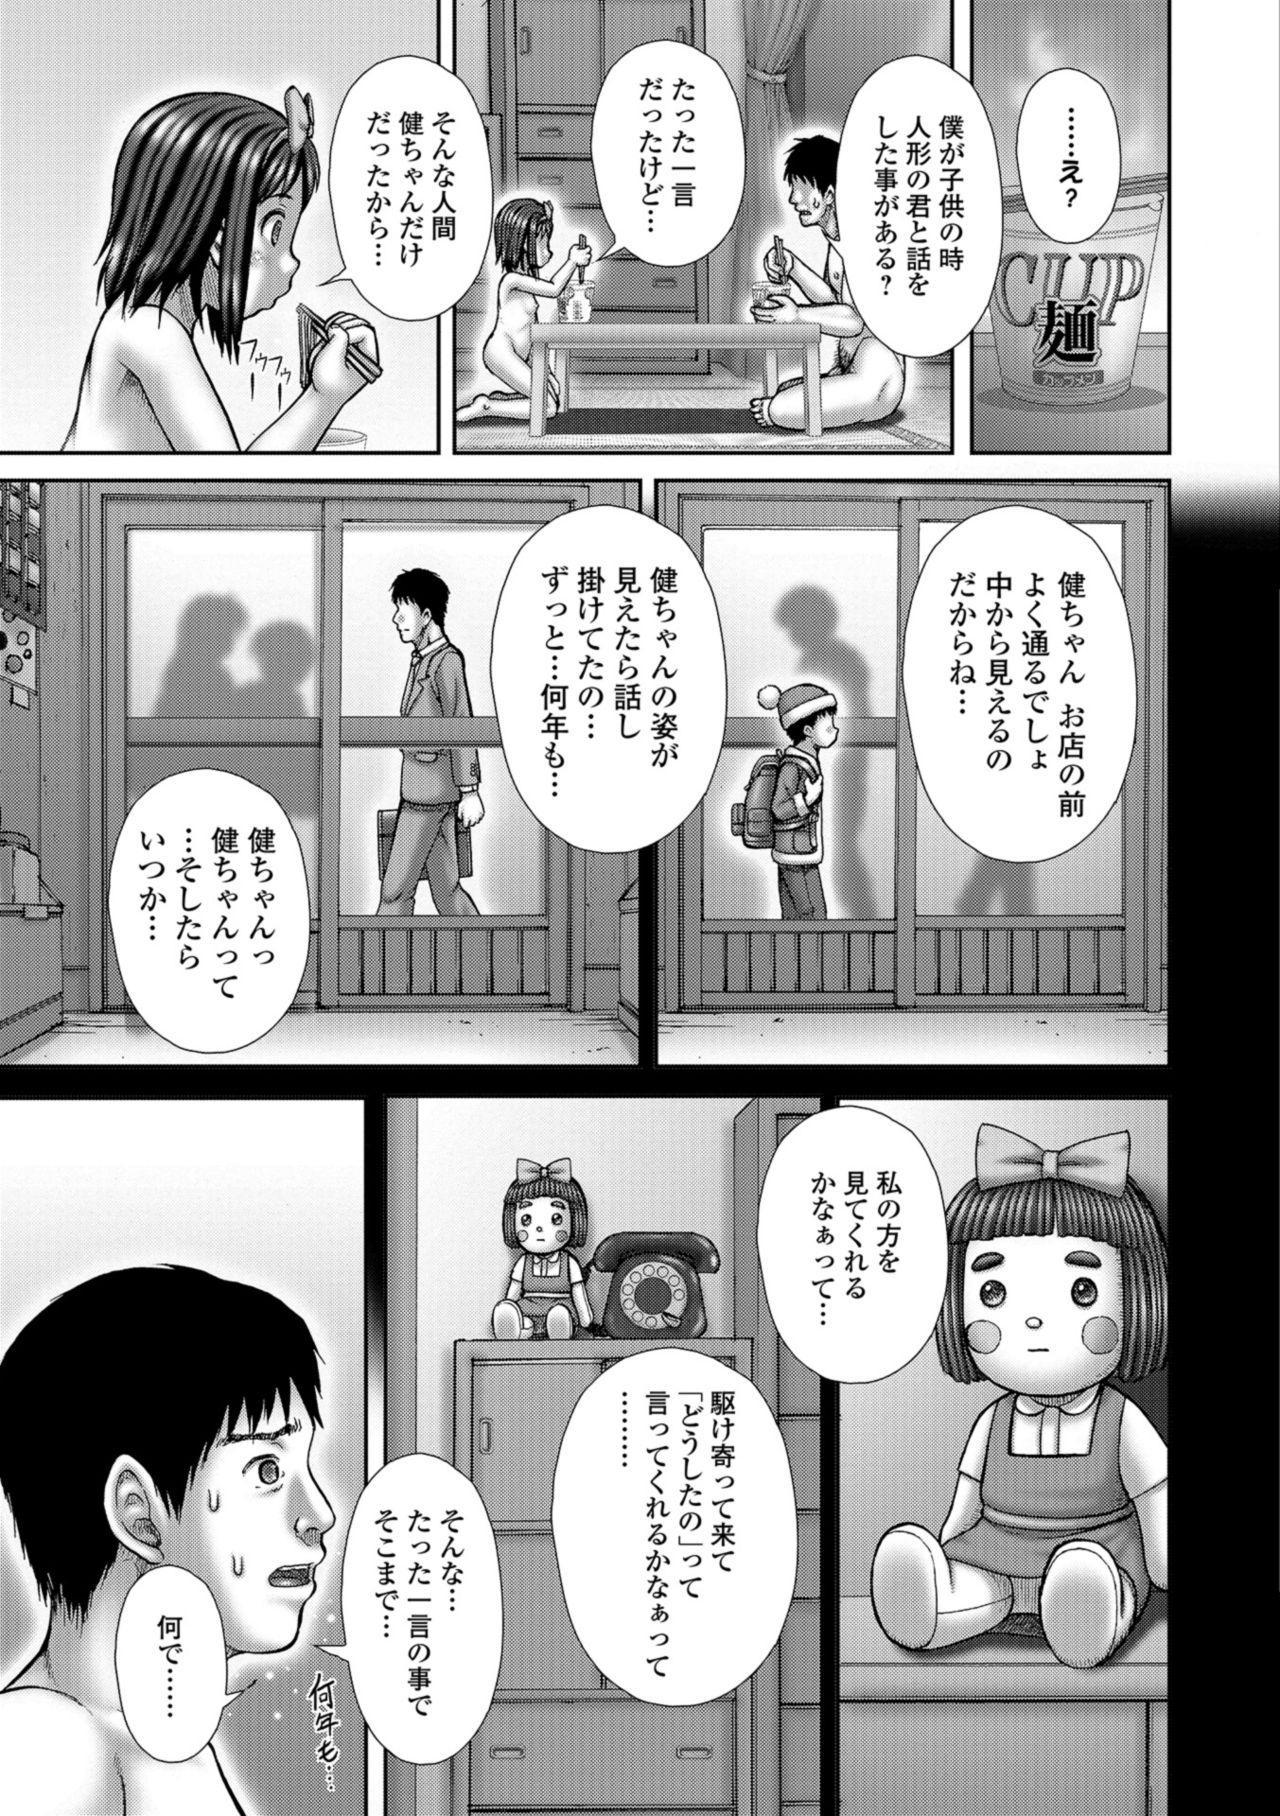 COMIC Mate Legend Vol. 24 2018-12 220